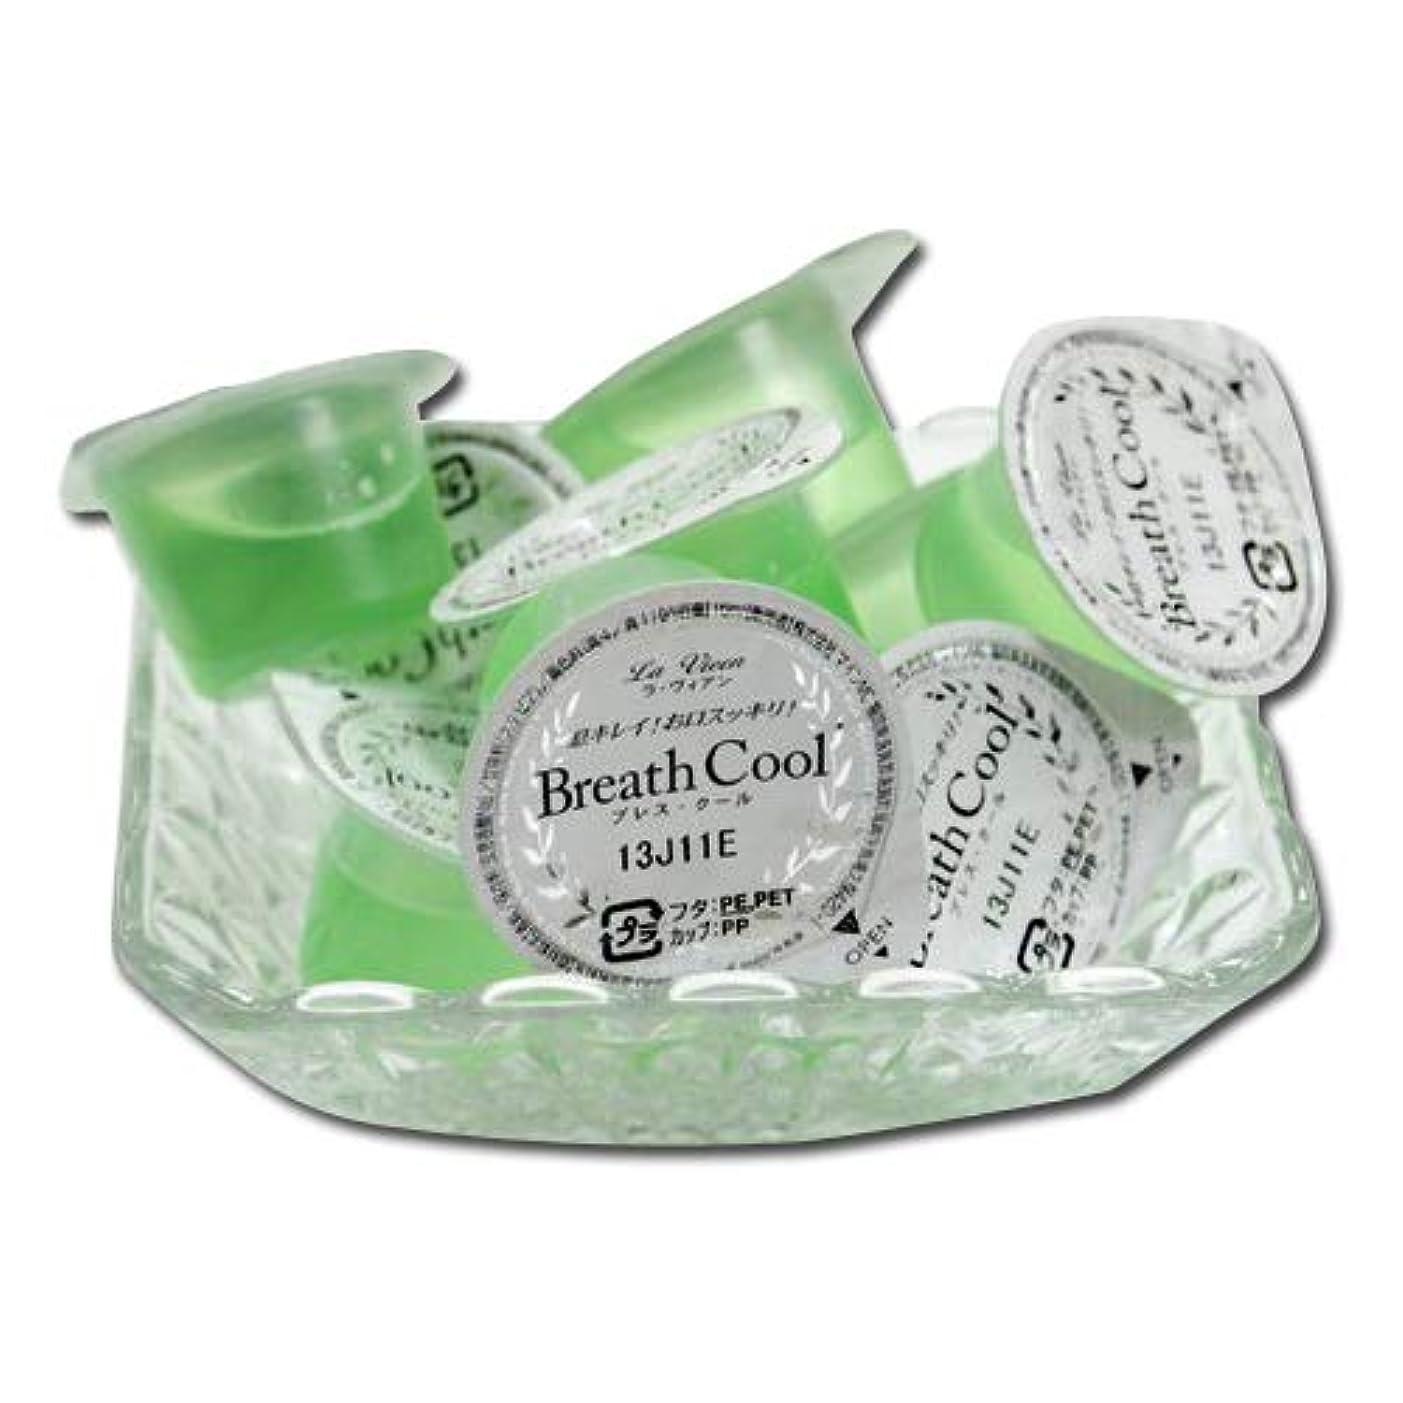 別におかしい効率的マウスウォッシュ ラヴィアン ブレスクール 16ml×25個セット│使い切りカップ 口臭予防 オーラルケア 使い捨て モンダミン